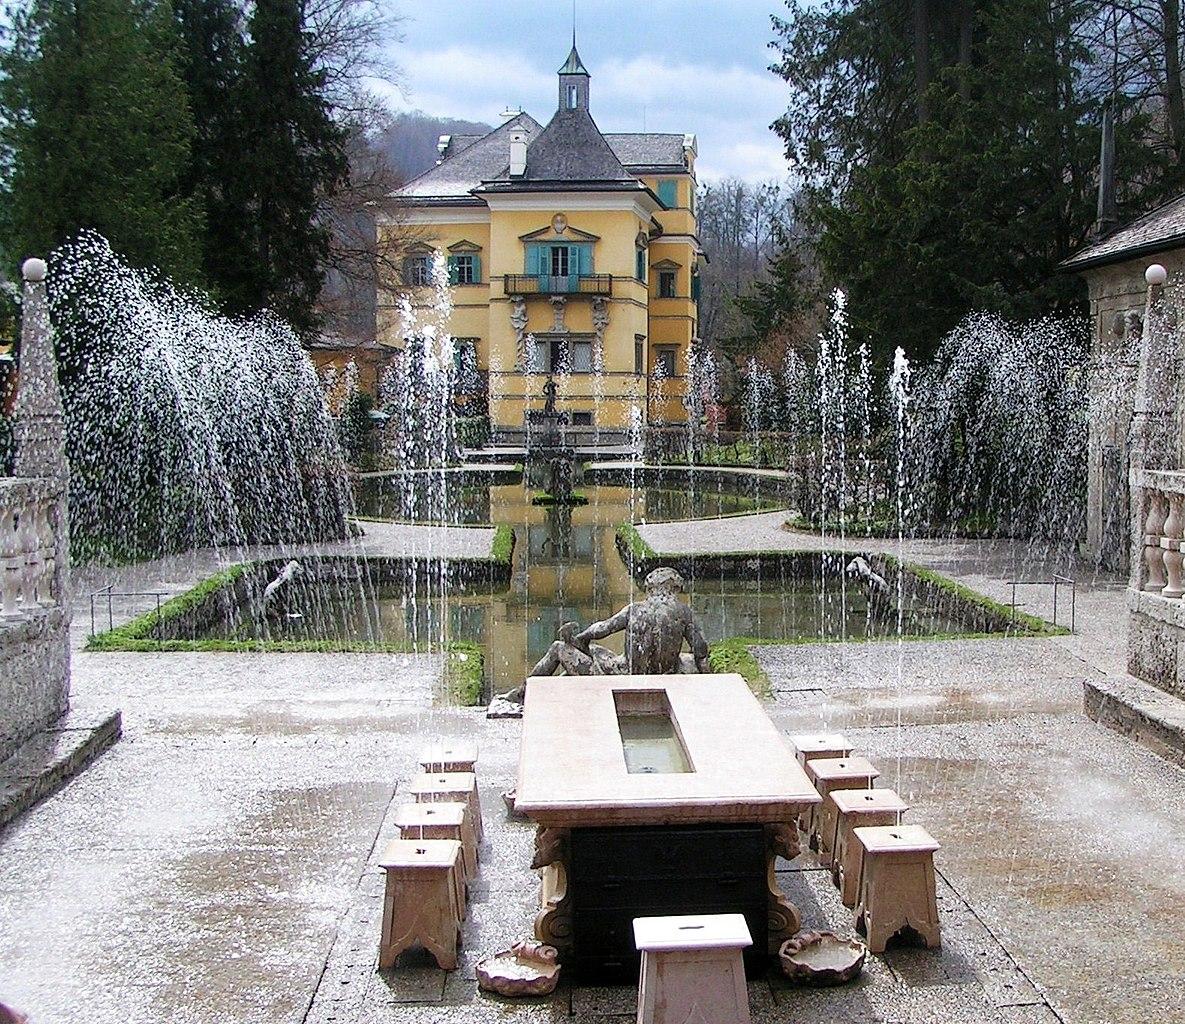 Giochi D Acqua.File Salisburgo Castello Di Hellbrunn Giochi D Acqua